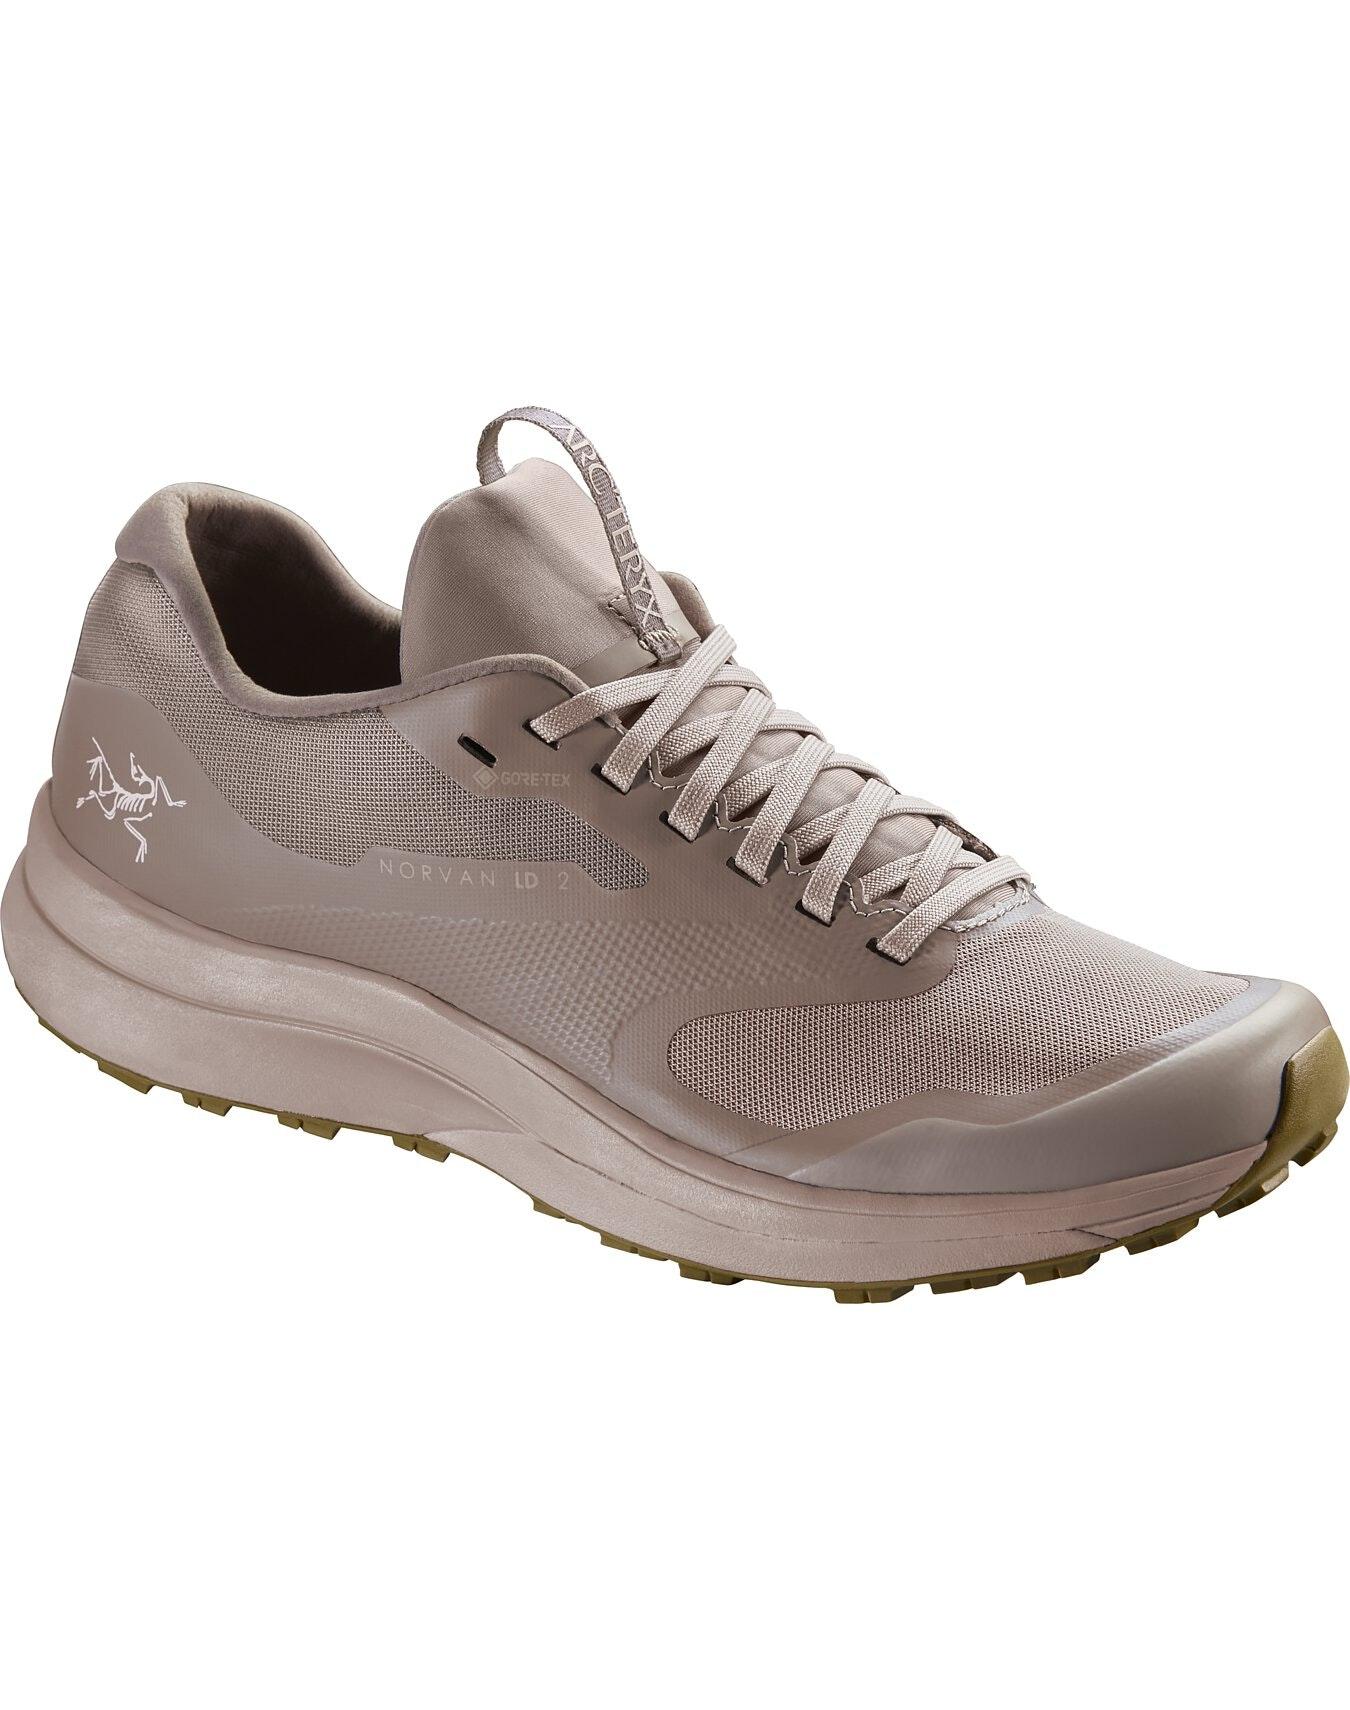 Norvan LD 2 GTX Shoe Dark Verra/Light Wavelength